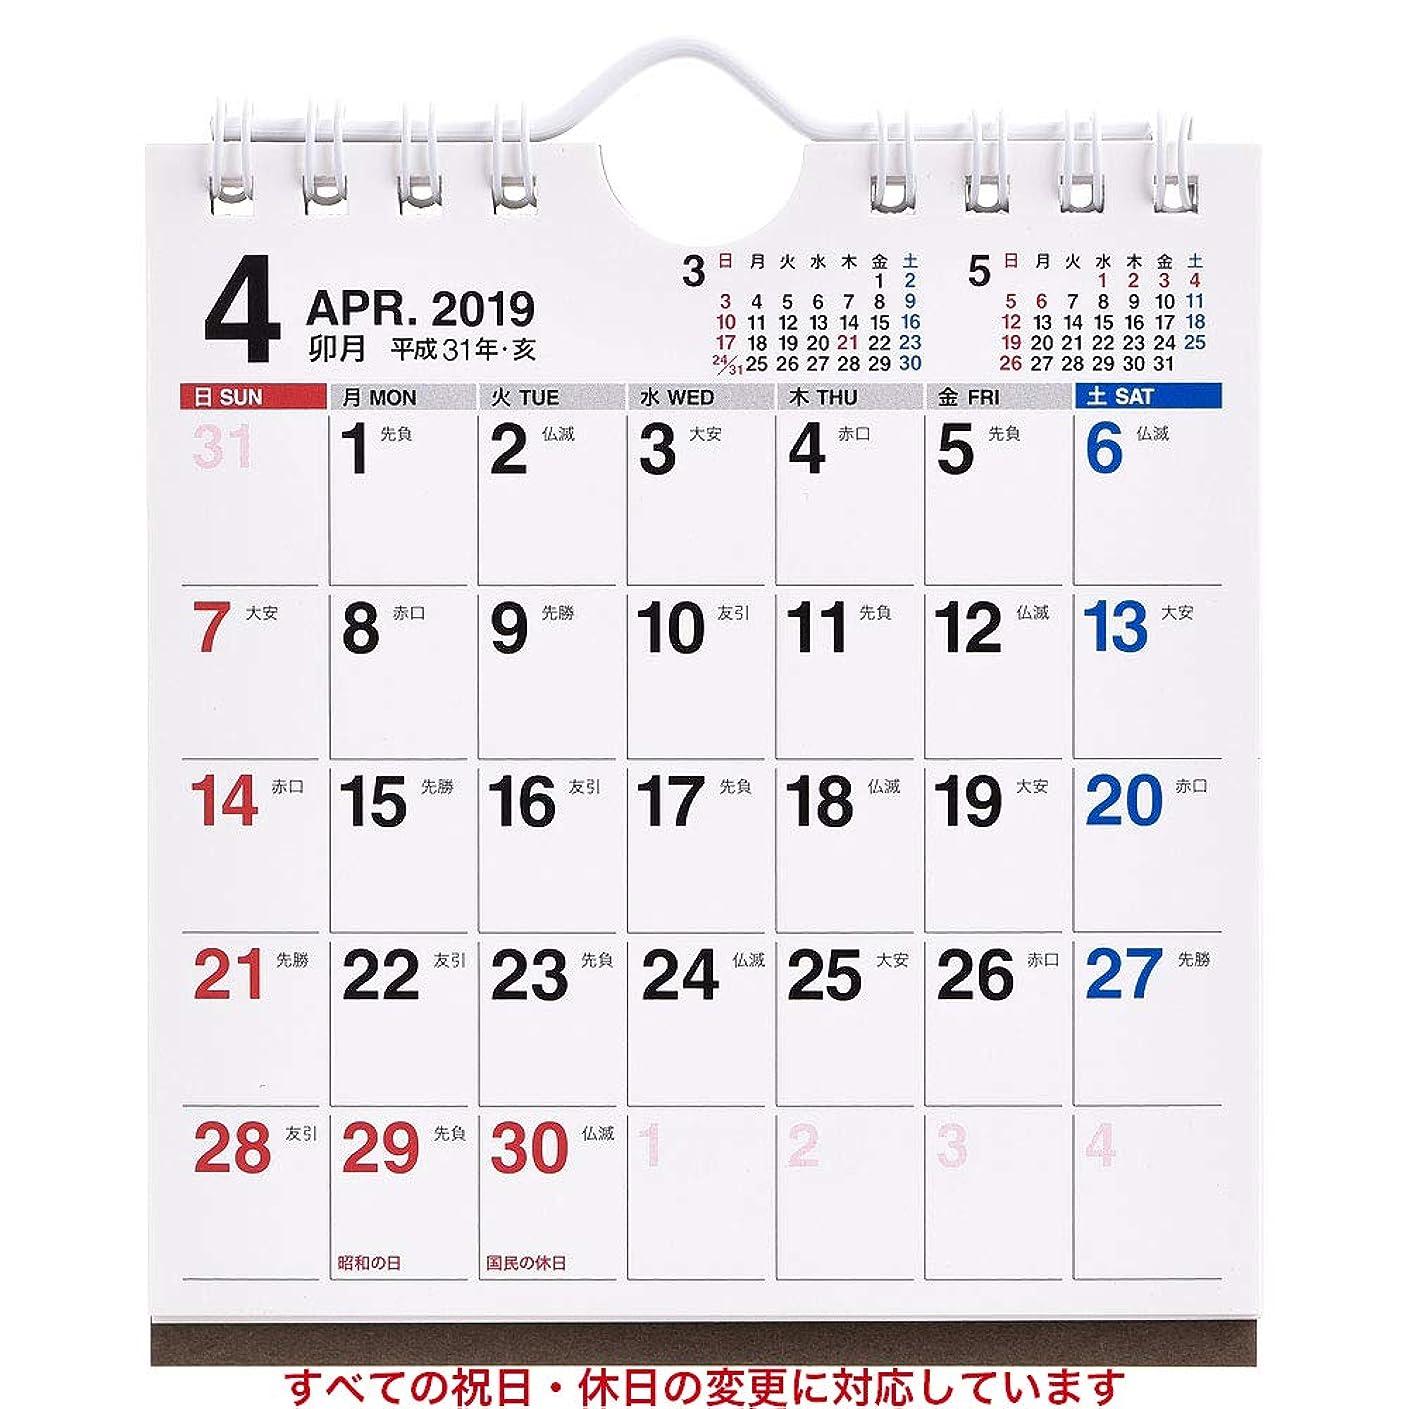 半径絶滅させるスナップ高橋 手帳 2019年 B6 ウィークリー シャルムR5 ネイビー No.355 (2019年1月始まり)